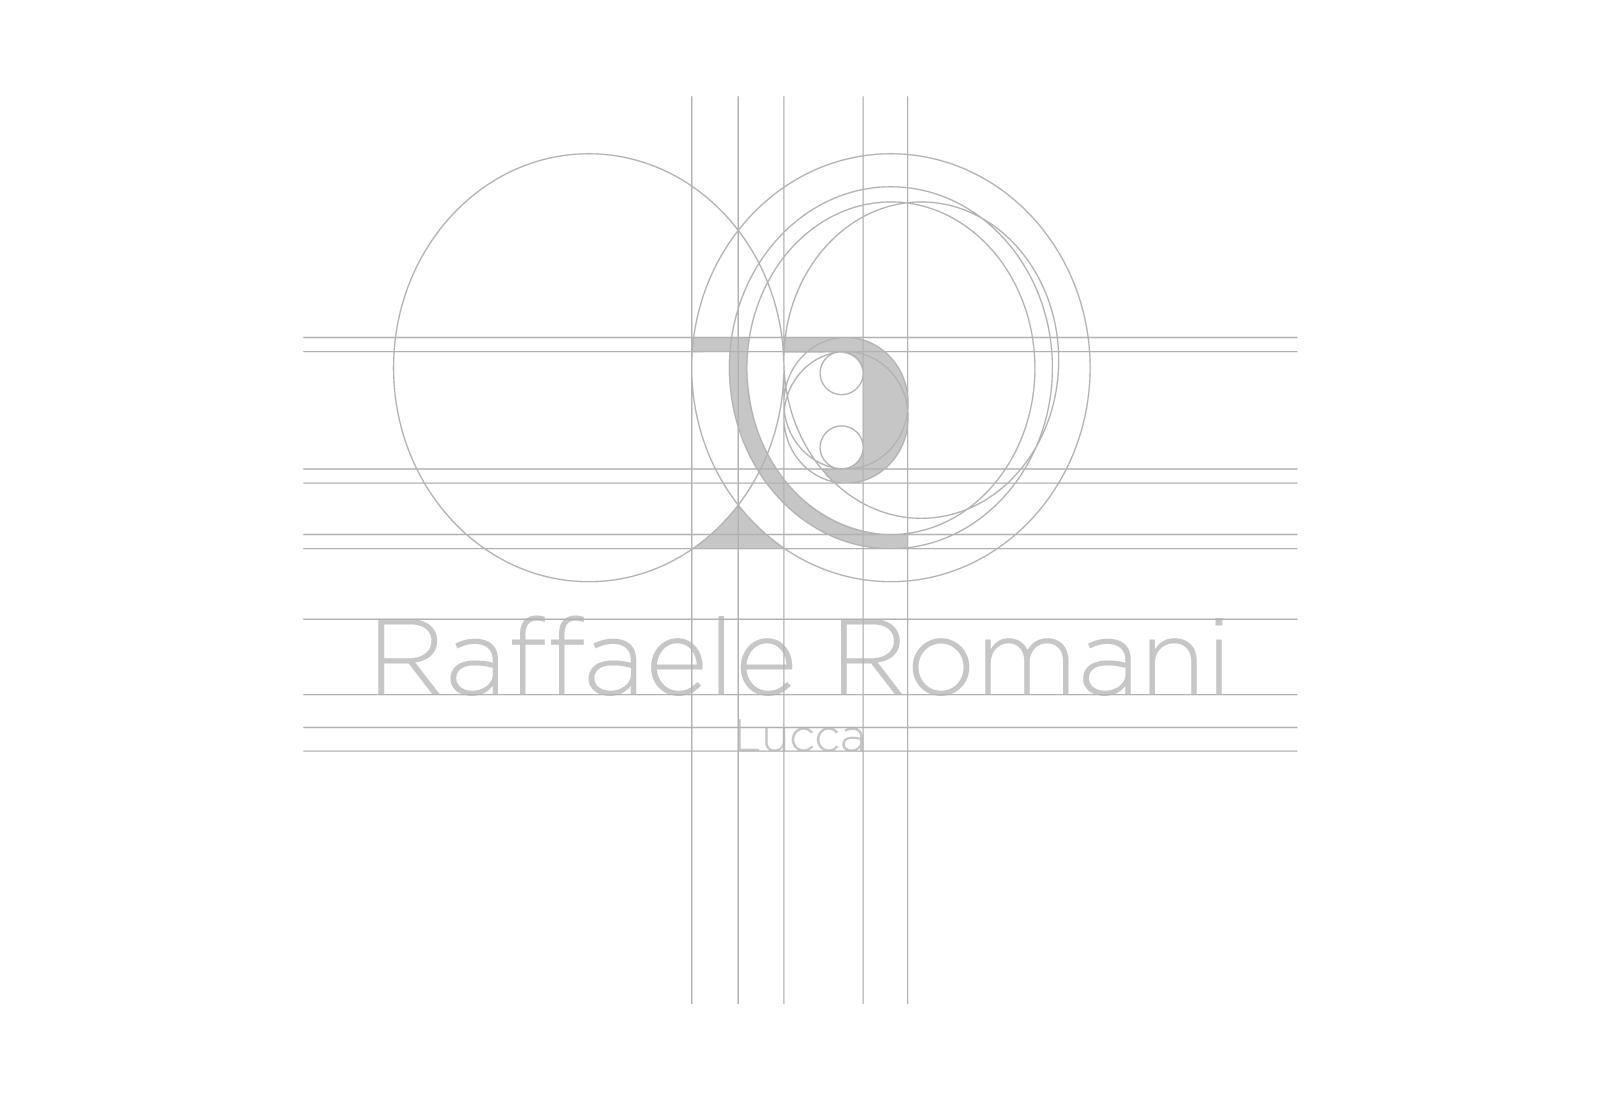 Griglia del logo Raffaele Romani di colore grigio chiaro su sfondo bianco